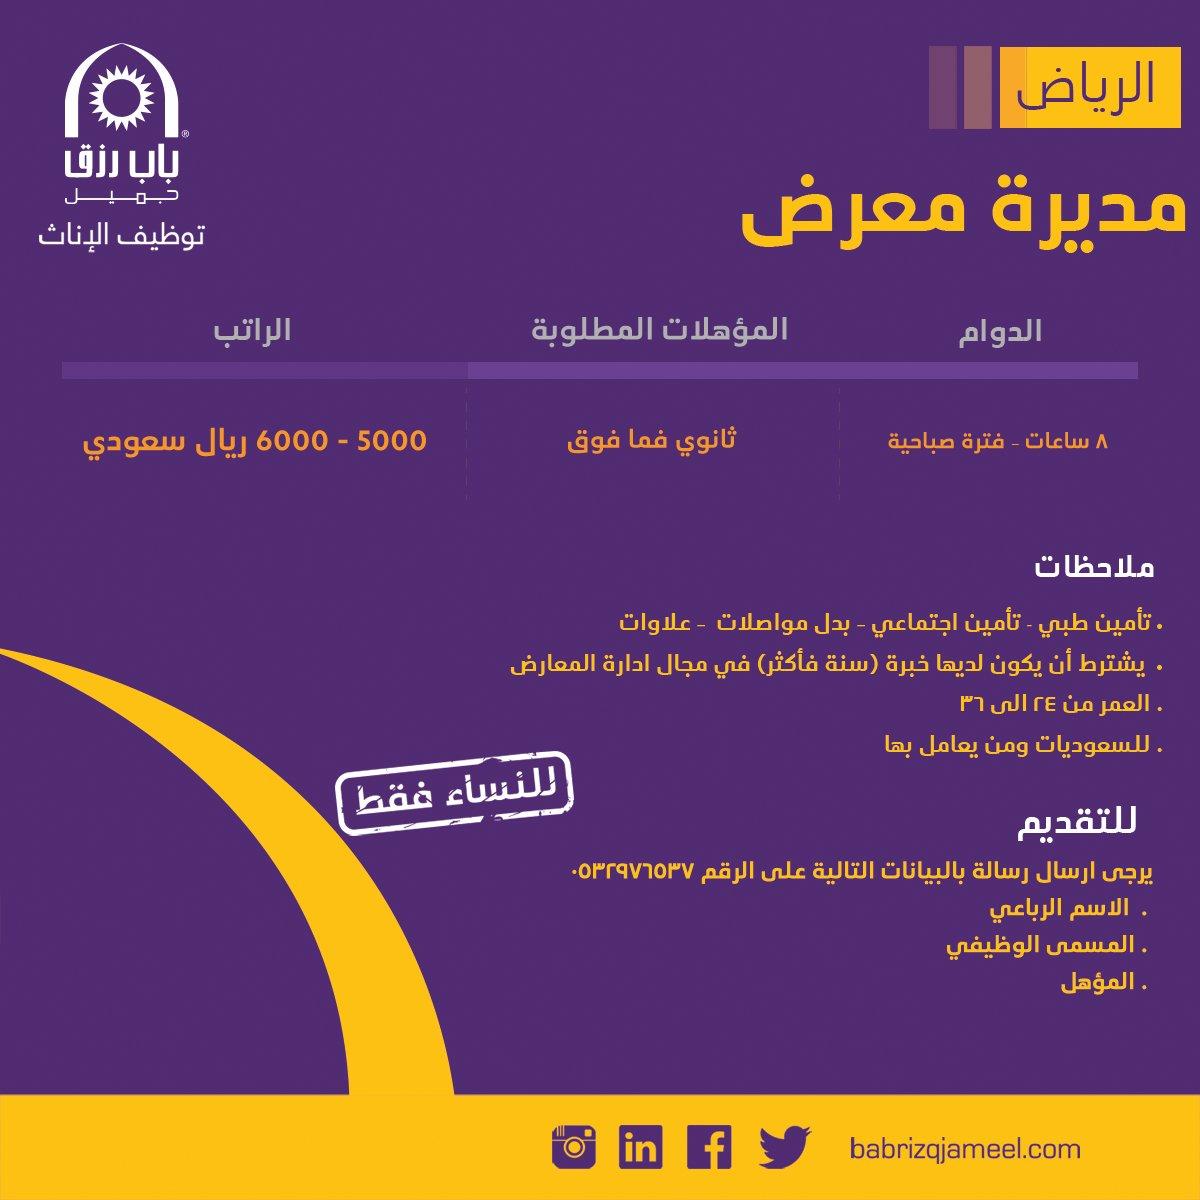 مطلوب مديرة معرض - الرياض